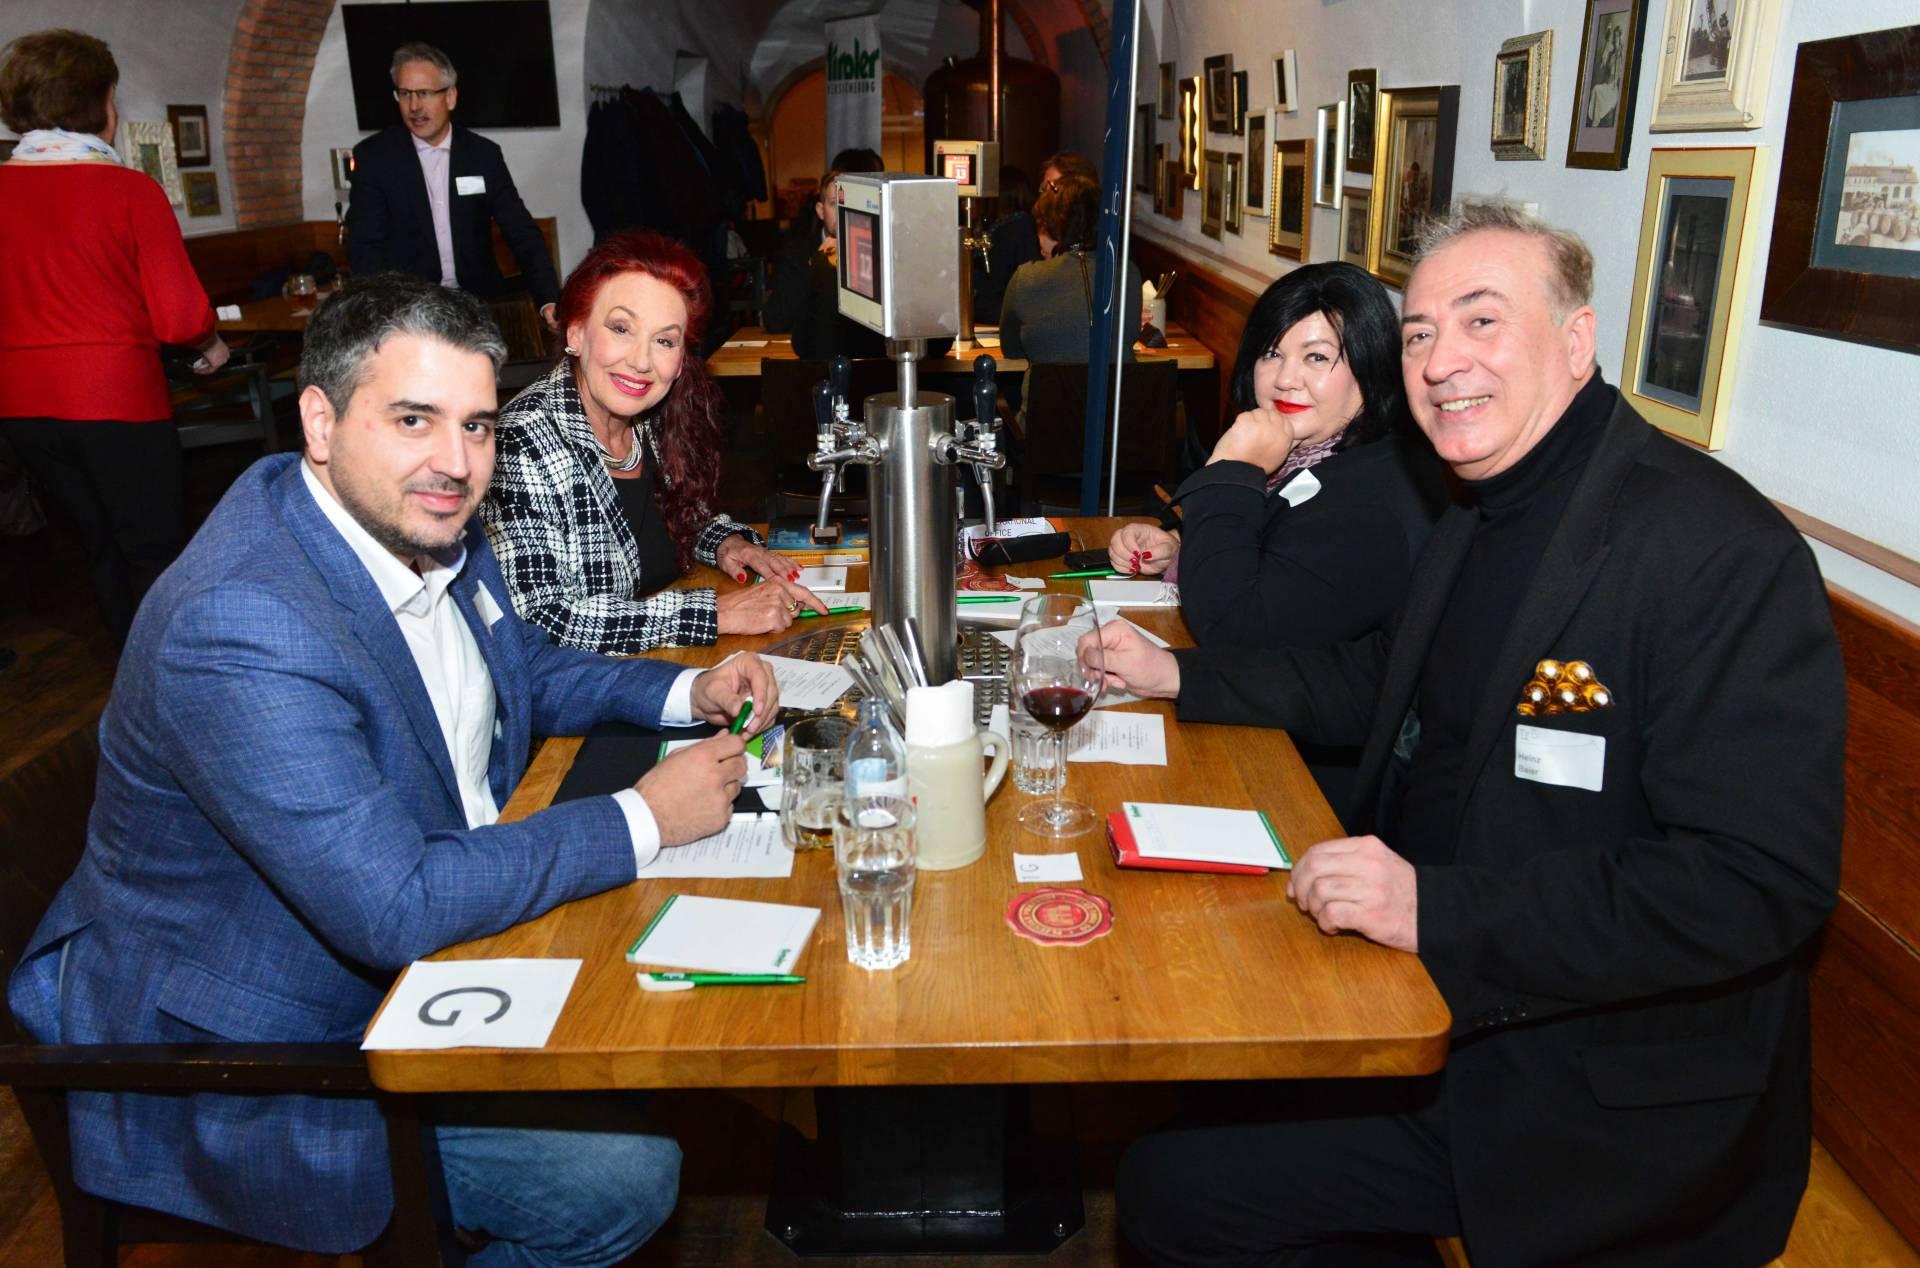 Liebe auf den schnellsten Blick   Tiroler Tageszeitung Online